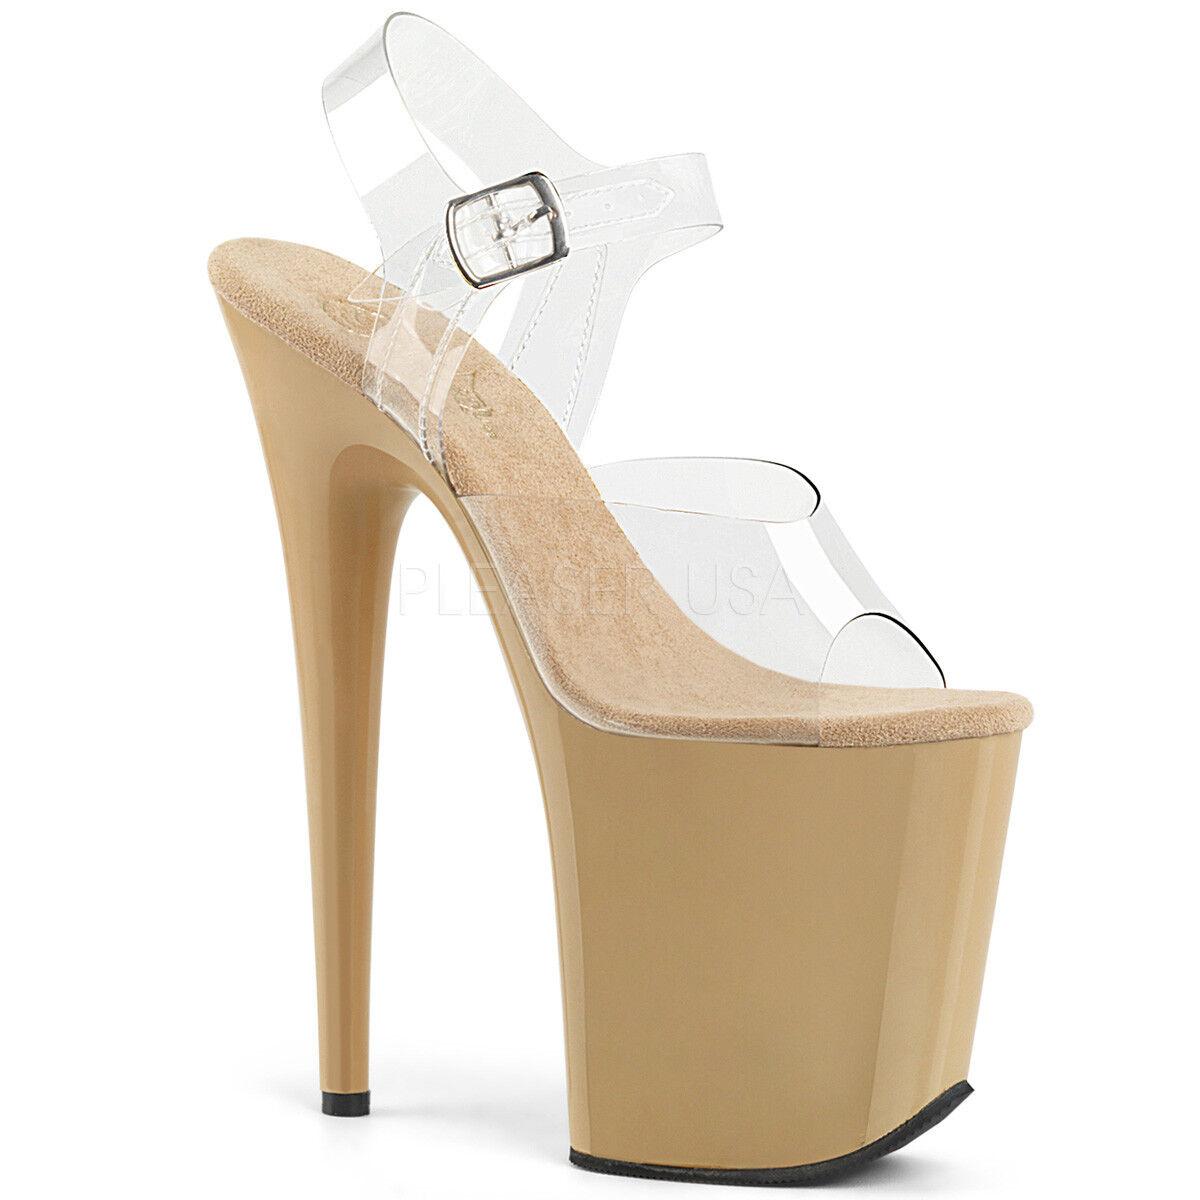 8  Rosa Gold Disco Platform Stripper Stripper Platform Heels Ankle Strap Pole Dancer schuhe 6 7 8 9 dab68d